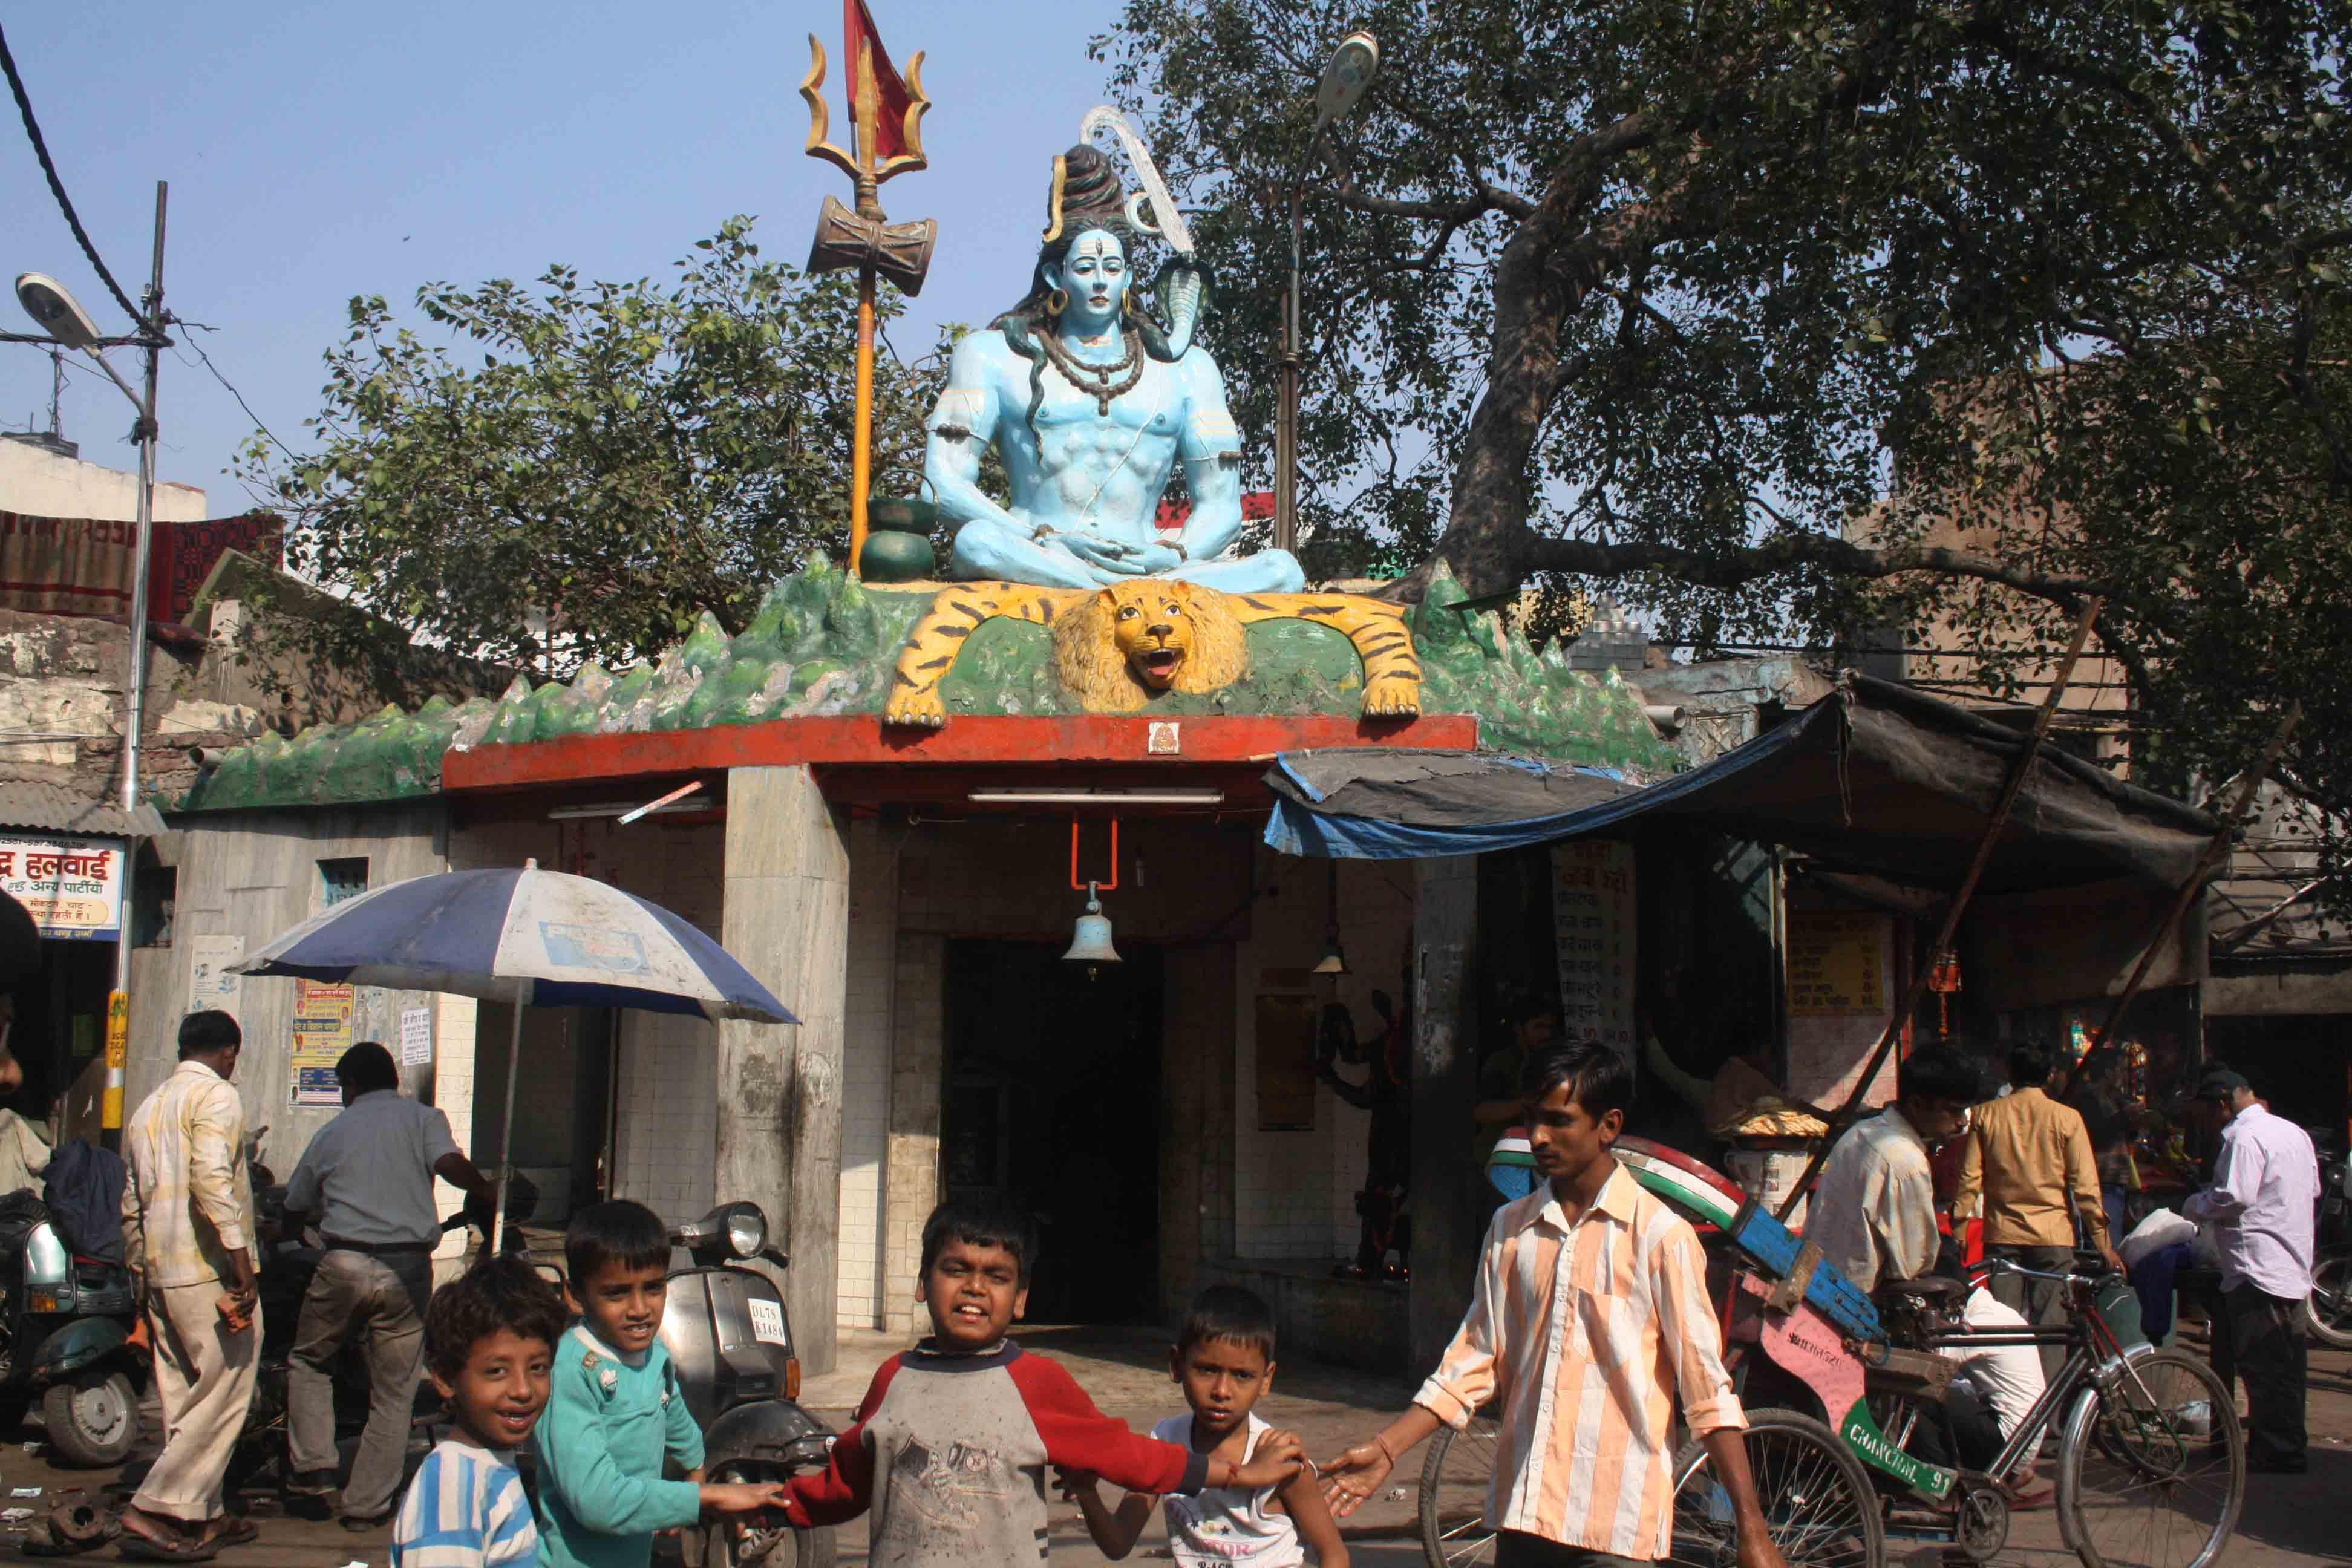 City Monument – Shri Shiv Mandir, Near Dilli Gate